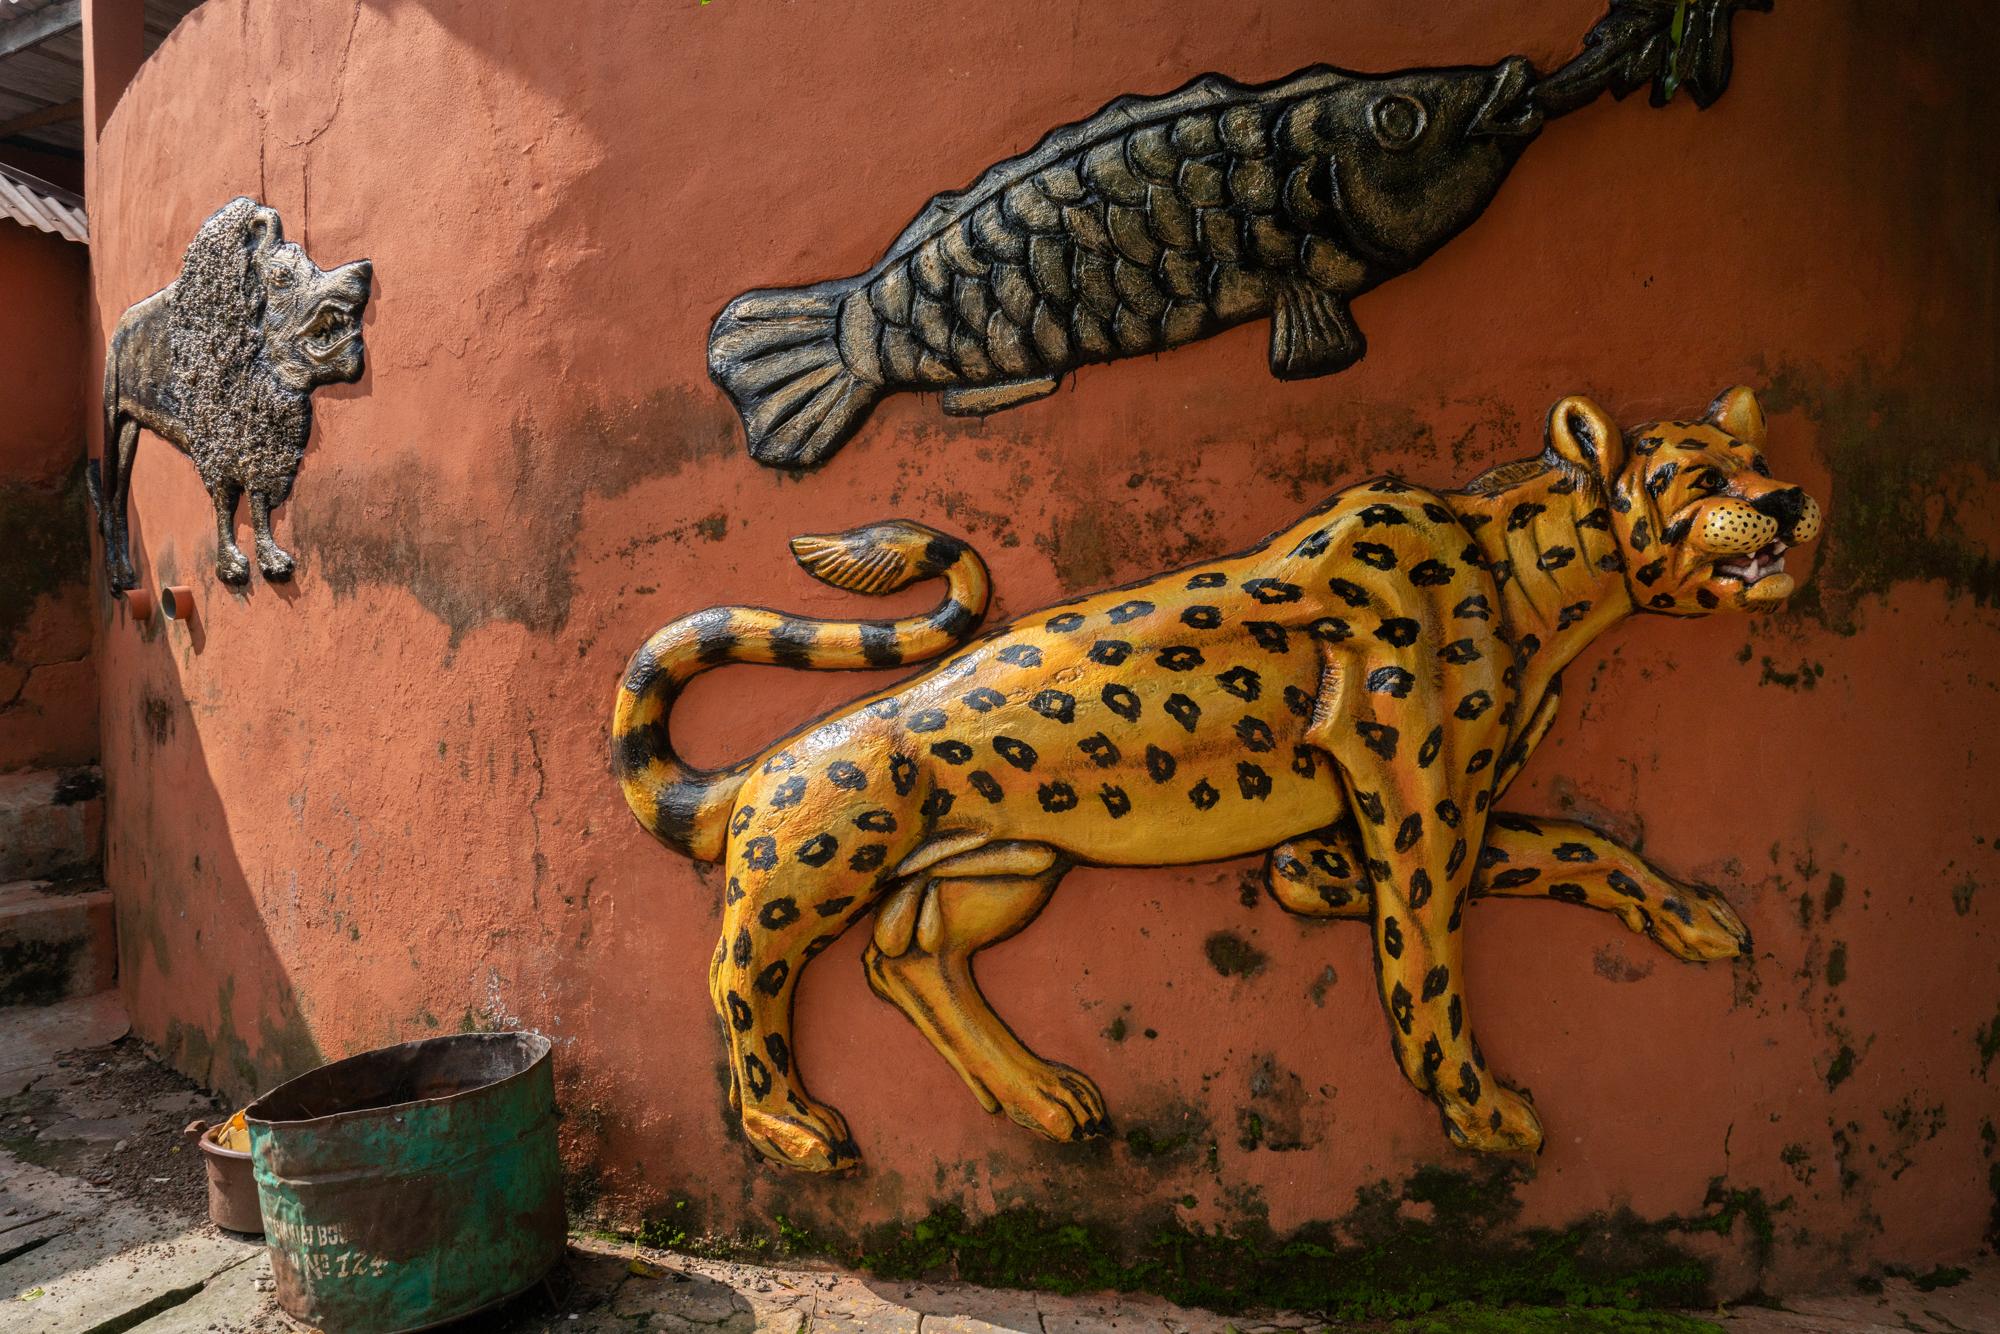 Benin_2000_ret  sin título2018-00844 7952 x 5304.jpg